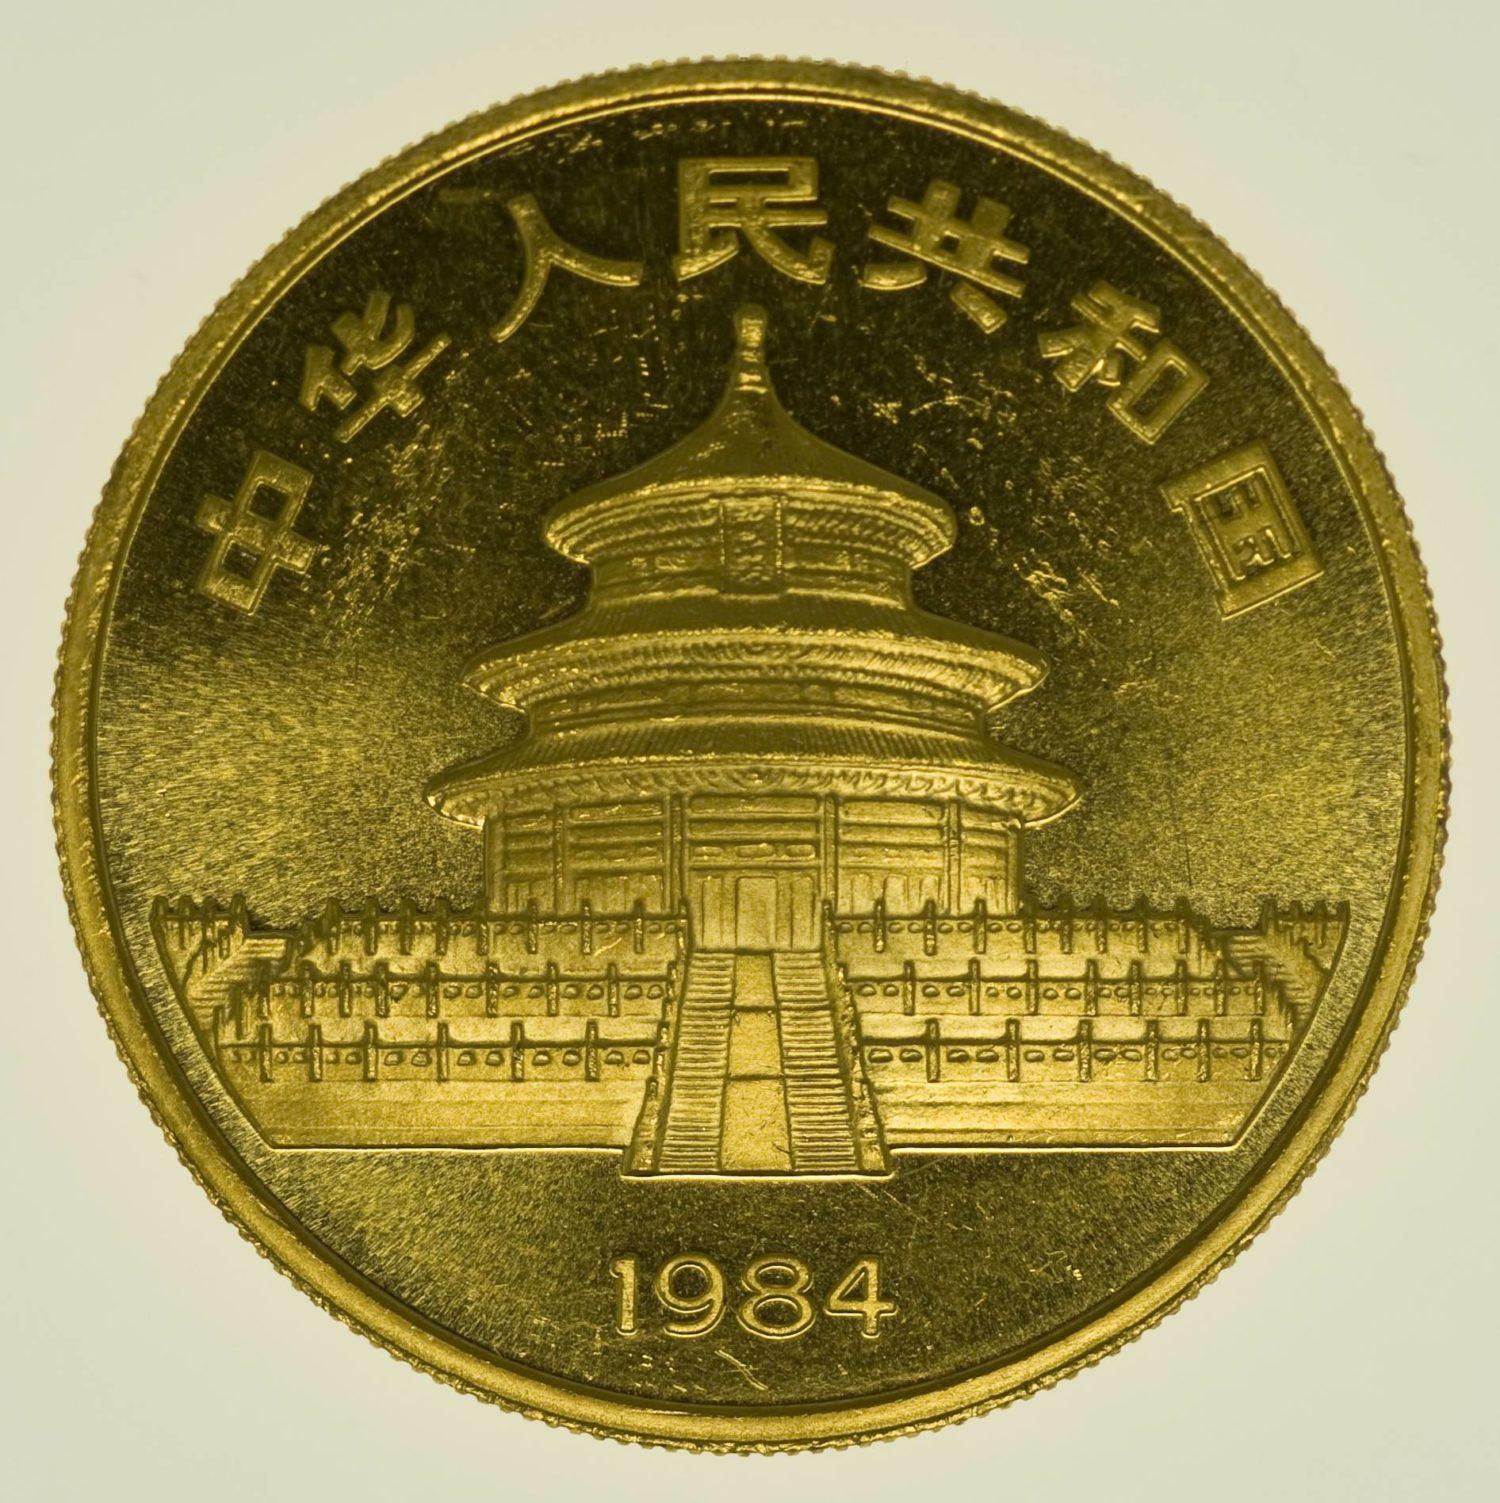 1 Unze Goldmünze China Panda 1984 100 Yuan 31,1 Gramm Gold RAR